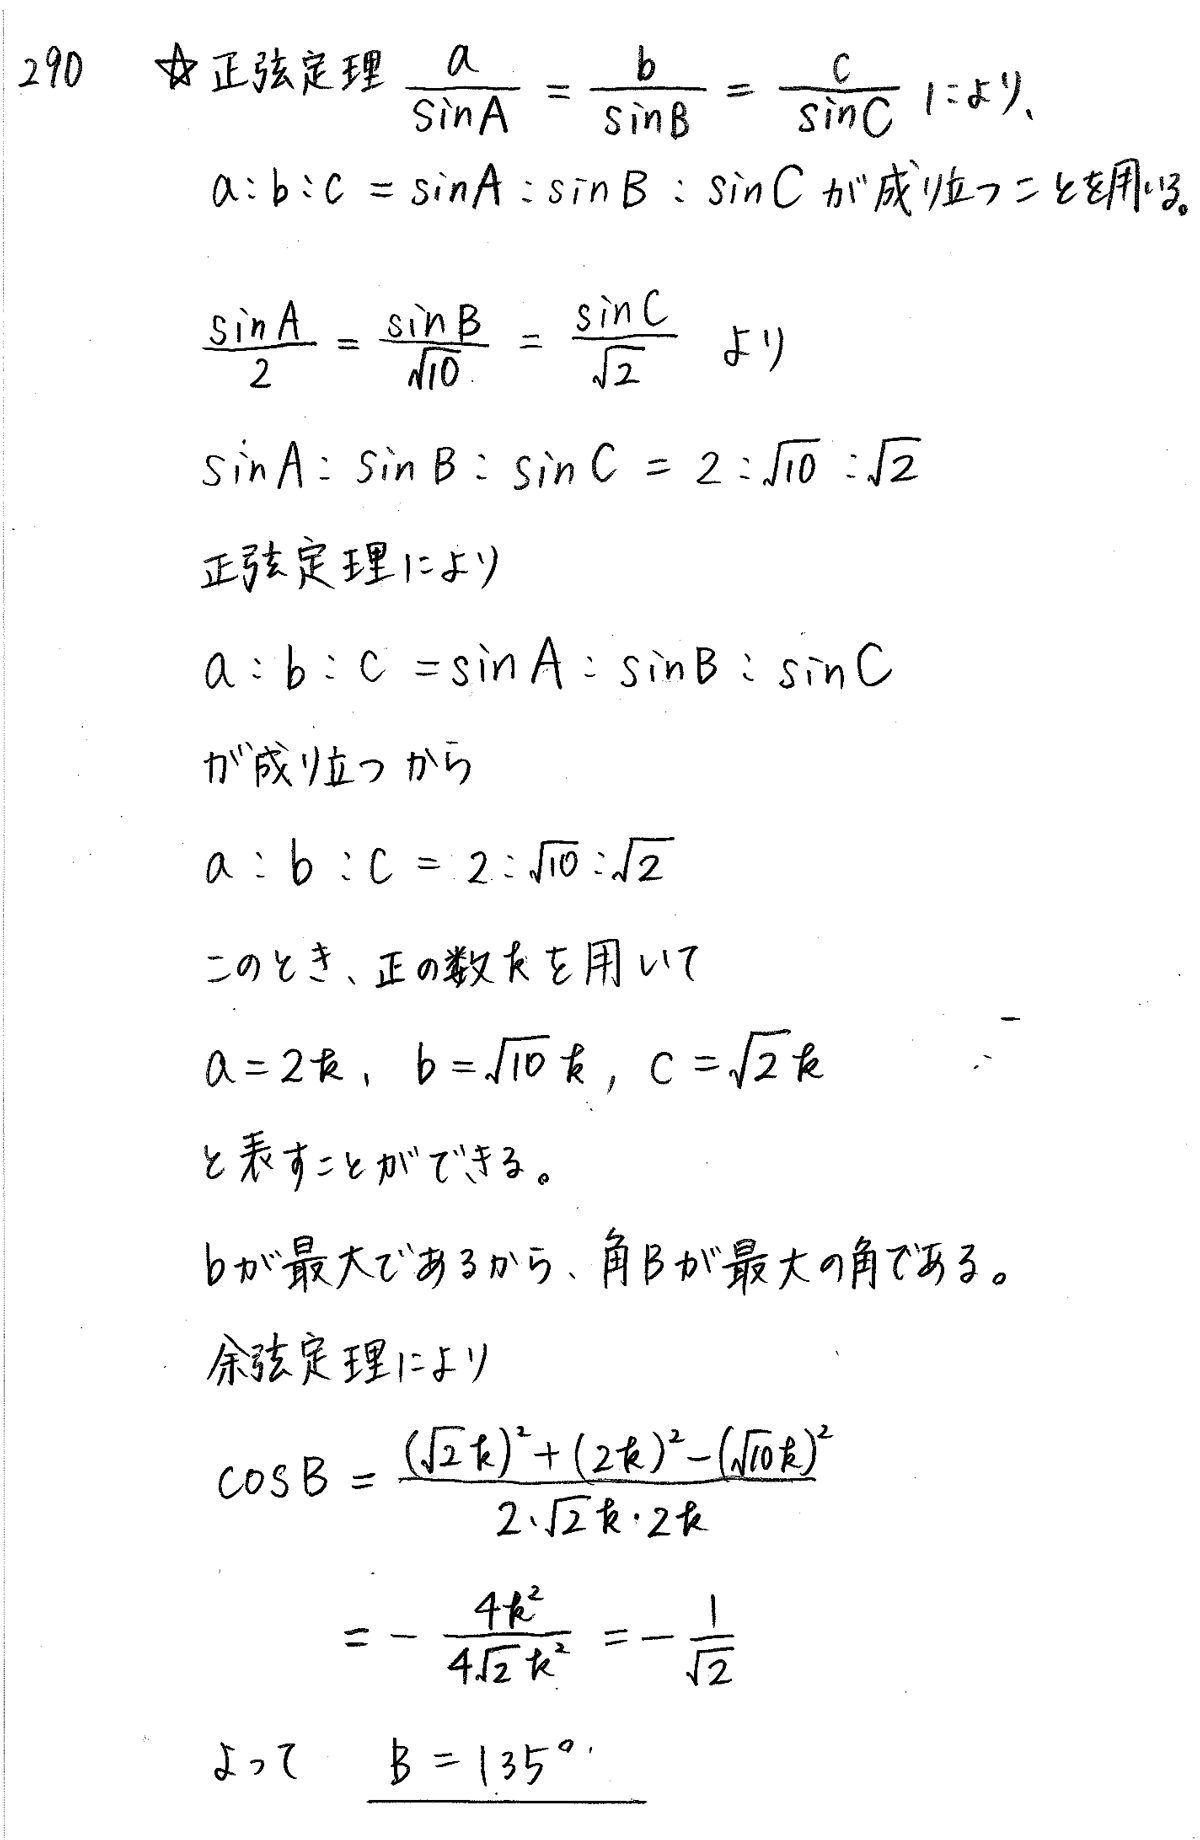 クリアー数学1-290解答